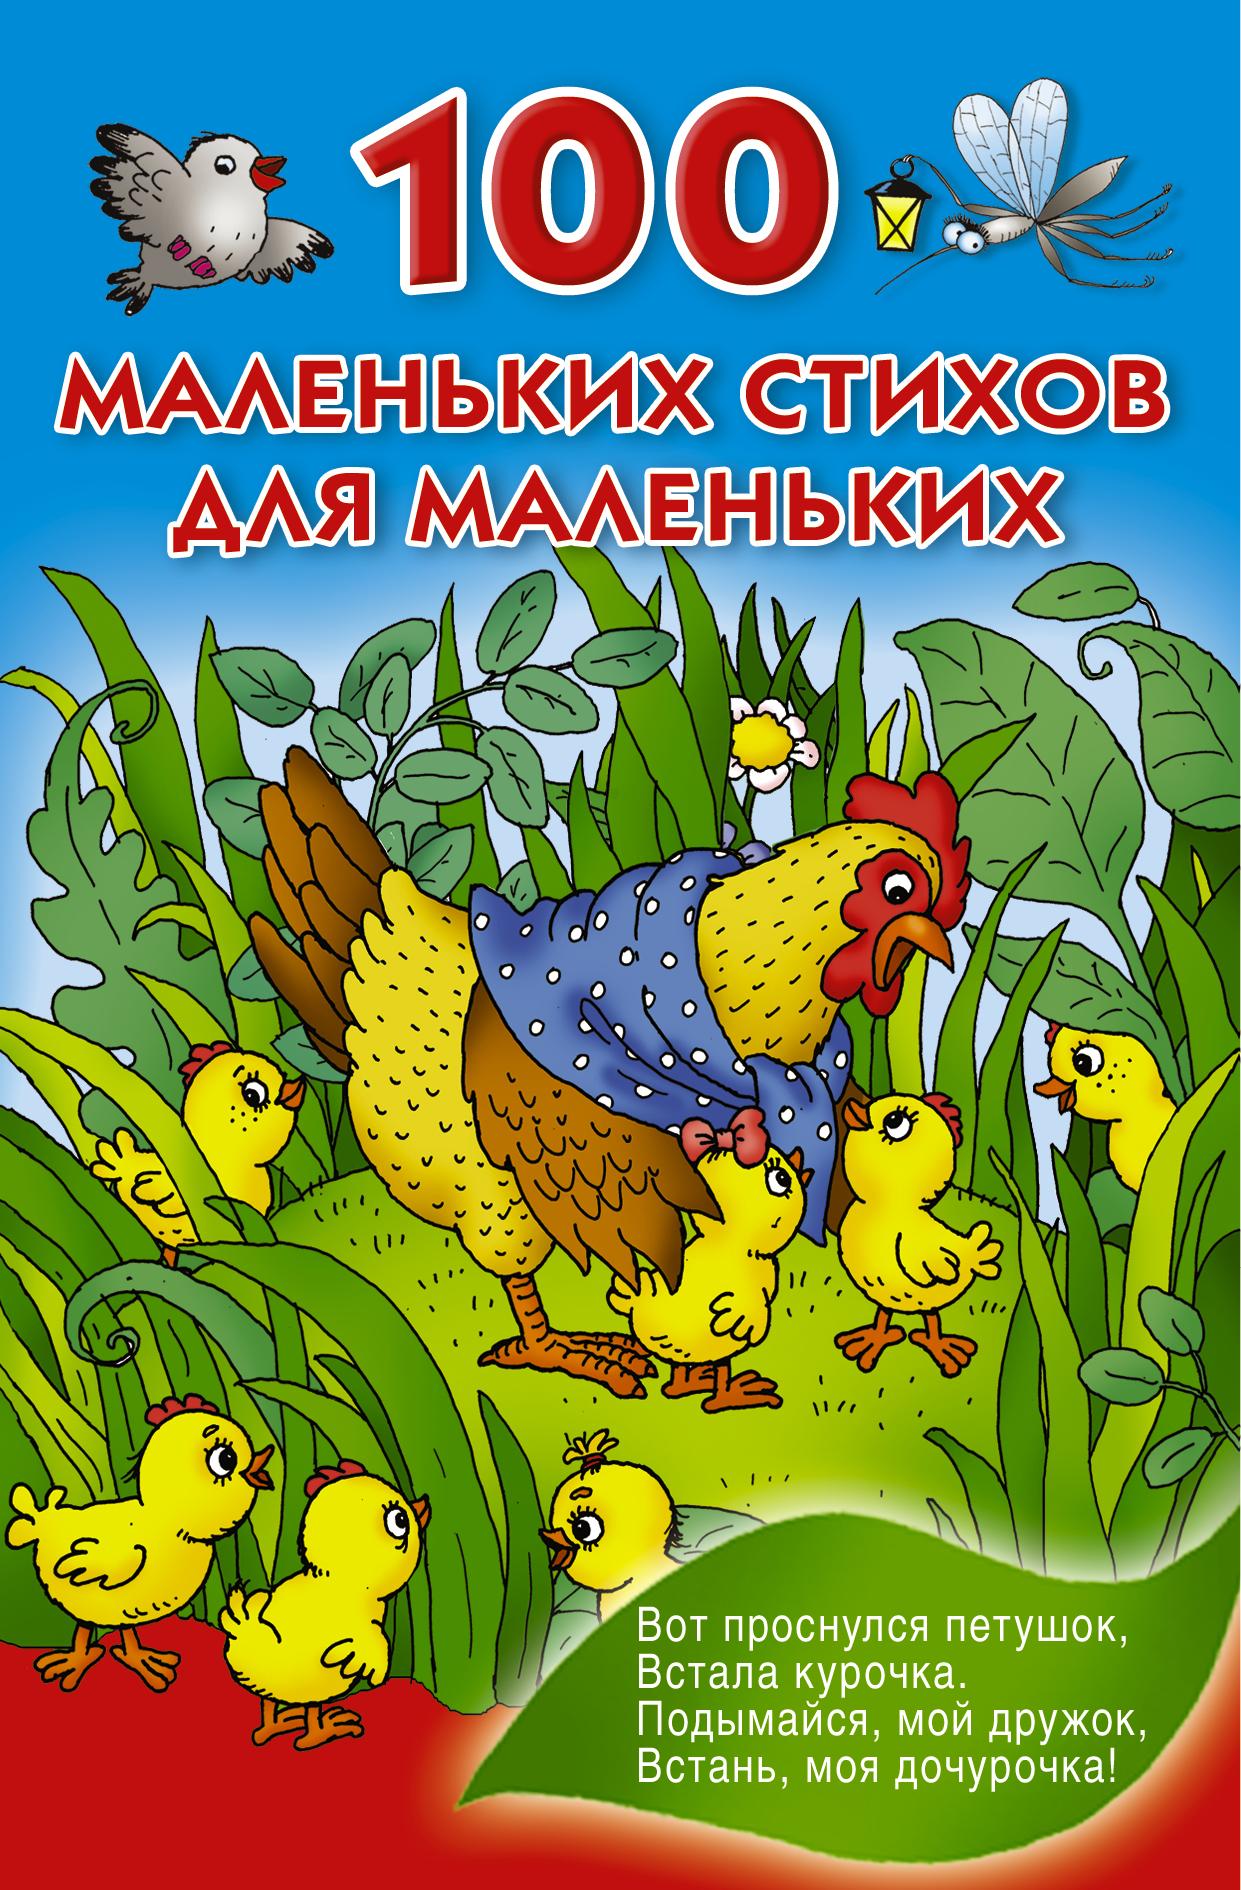 В. Г. Дмитриева 100 маленьких стихов для маленьких дмитриева в г емельянова татьяна александровна веселые стихи